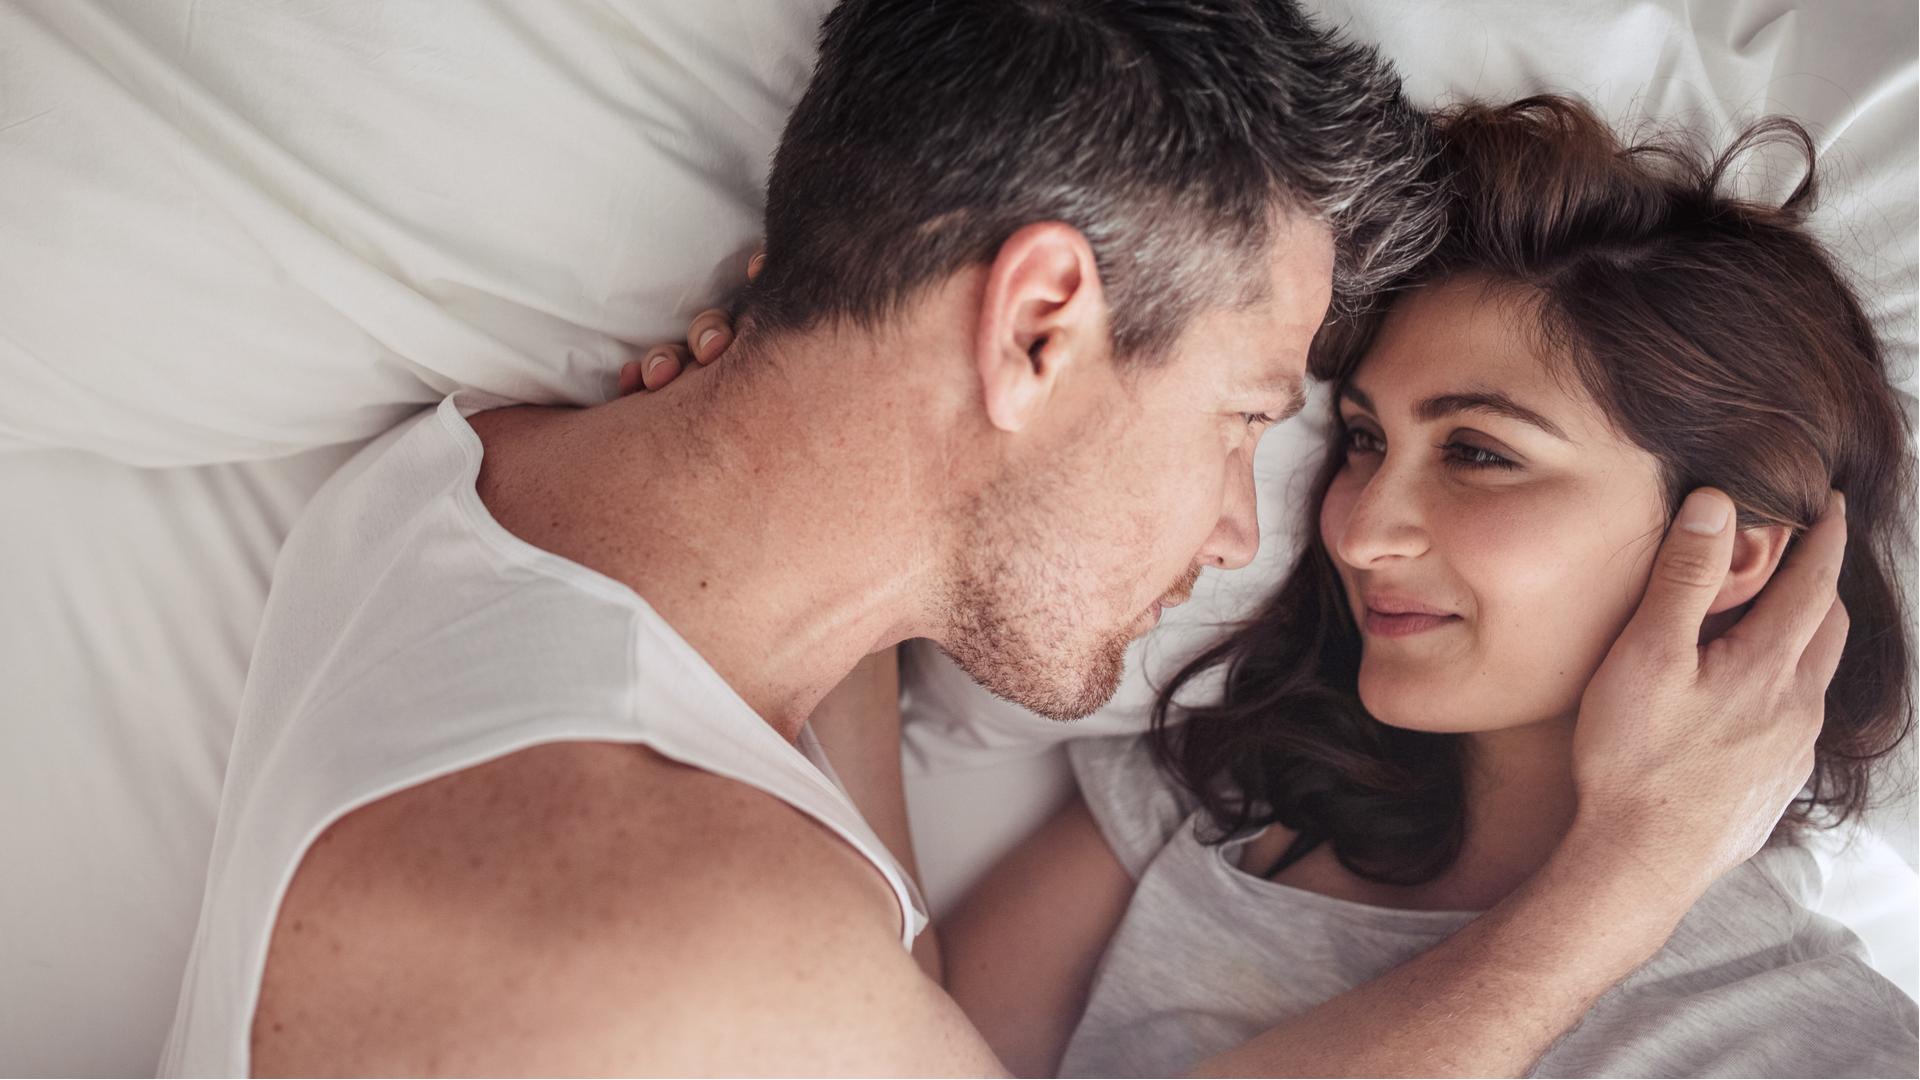 Être et rester de bons amants : comment faire ?